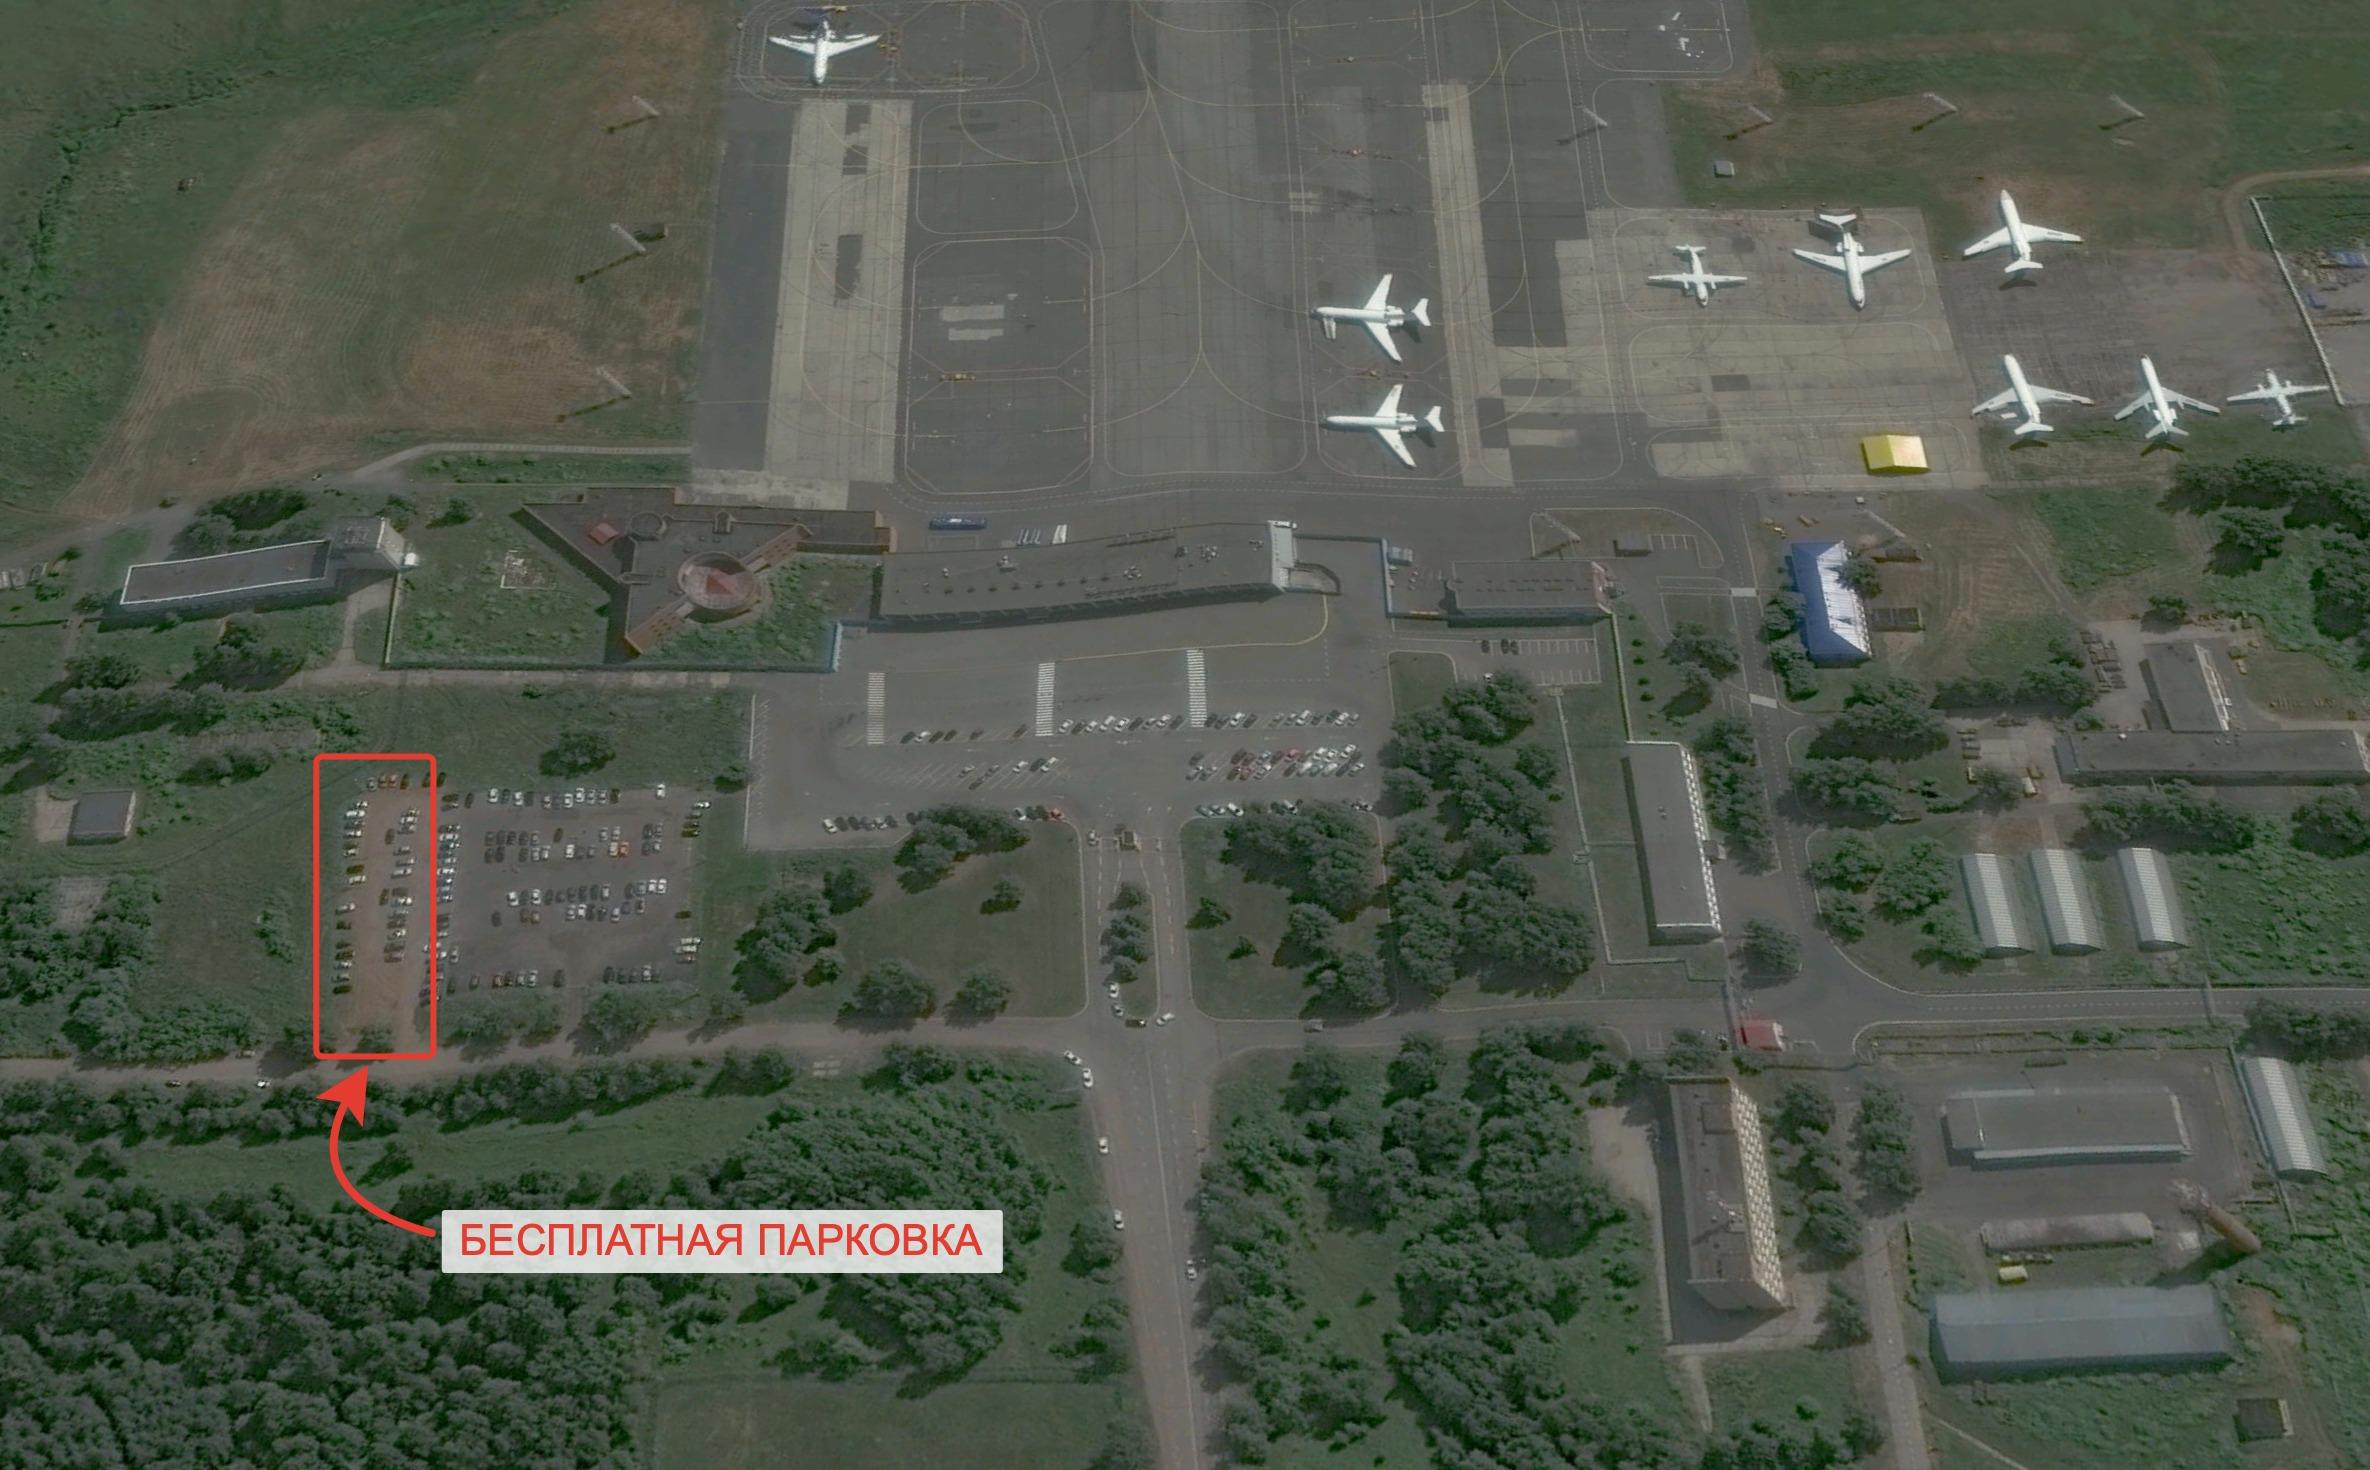 Схема проезда к беспланой парковке в ижевском аэропорту